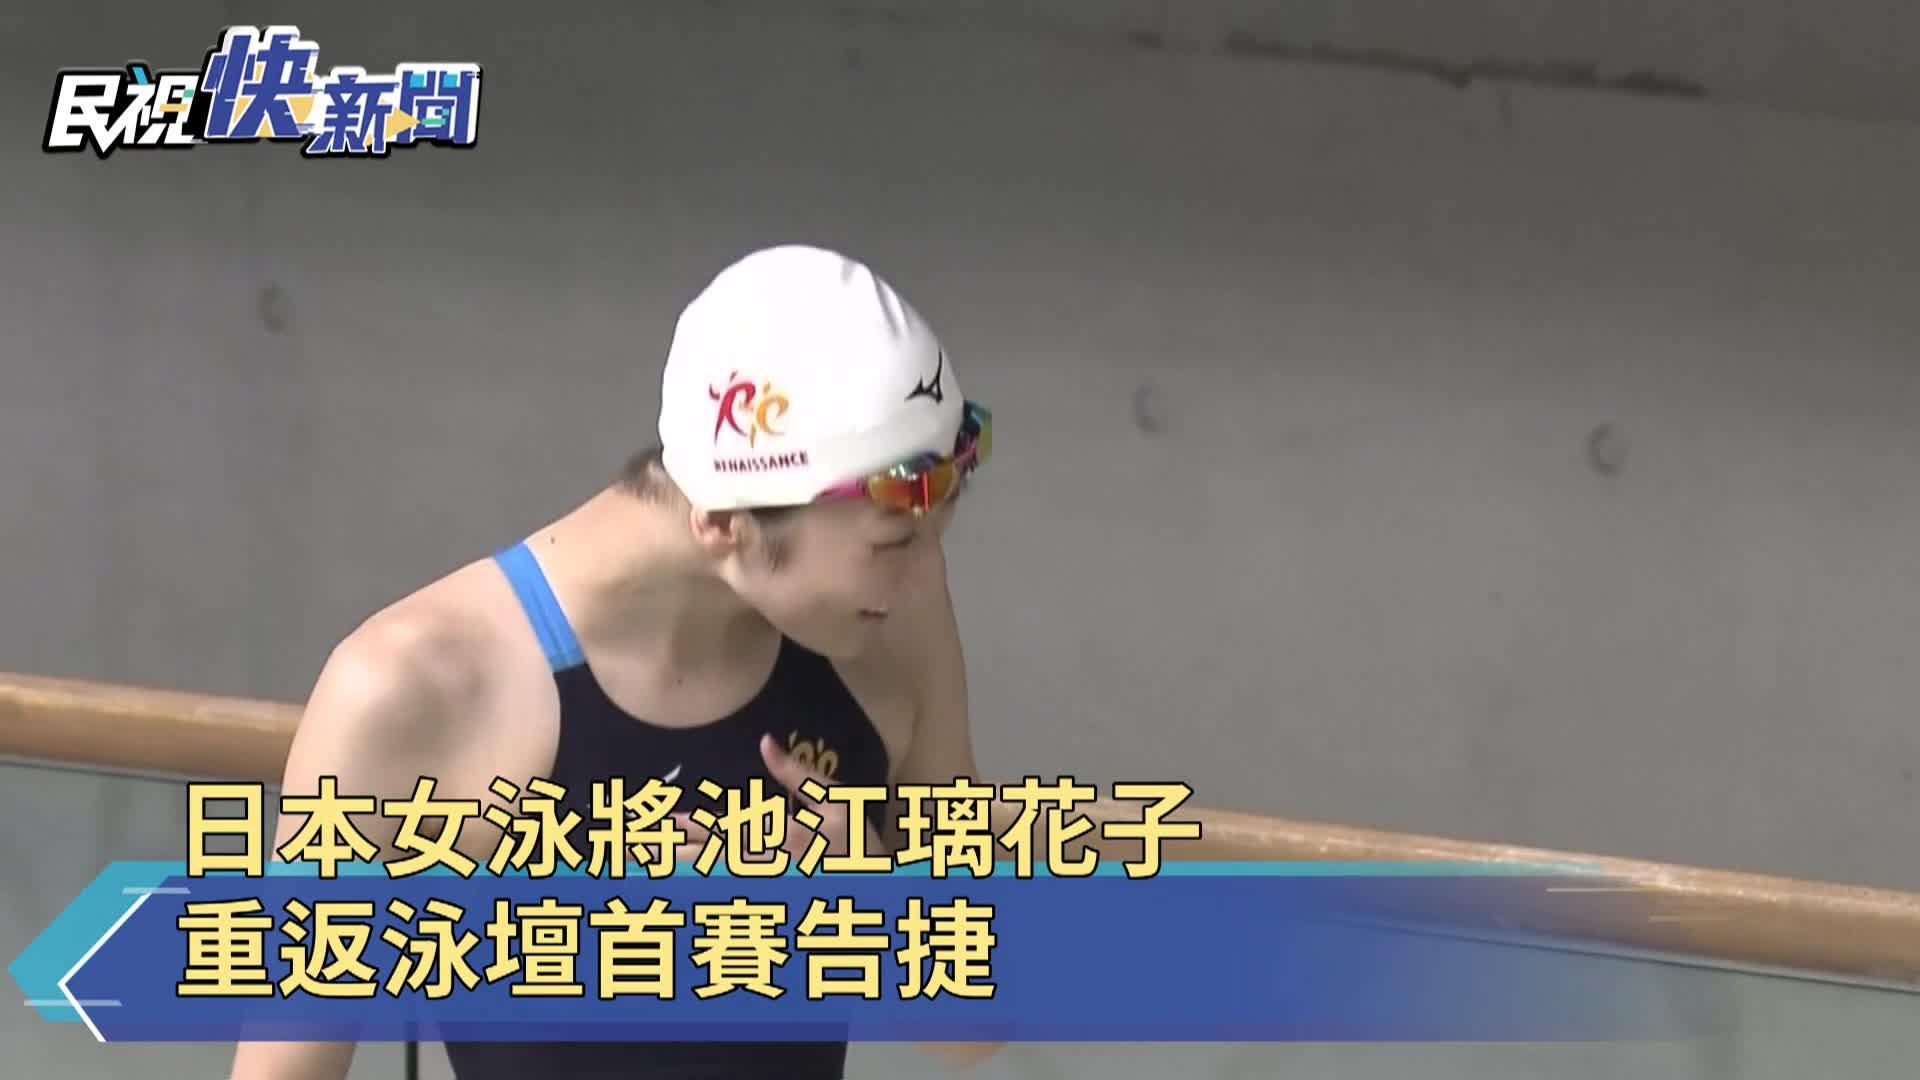 日本女泳將池江璃花子 重返泳壇首賽告捷